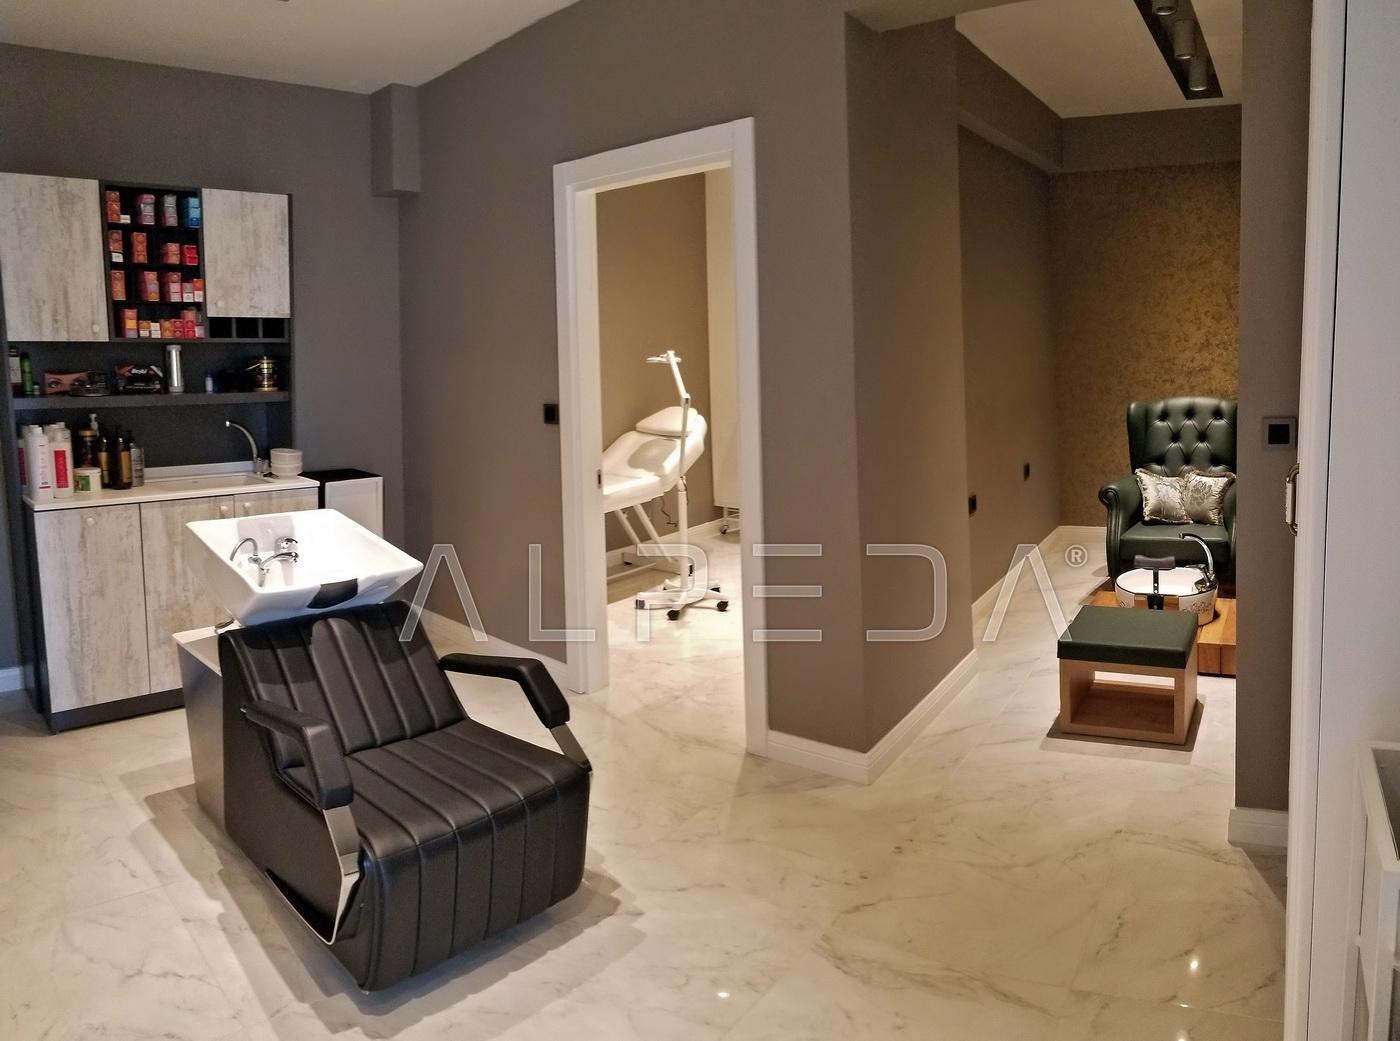 Bursa - Studio Natali